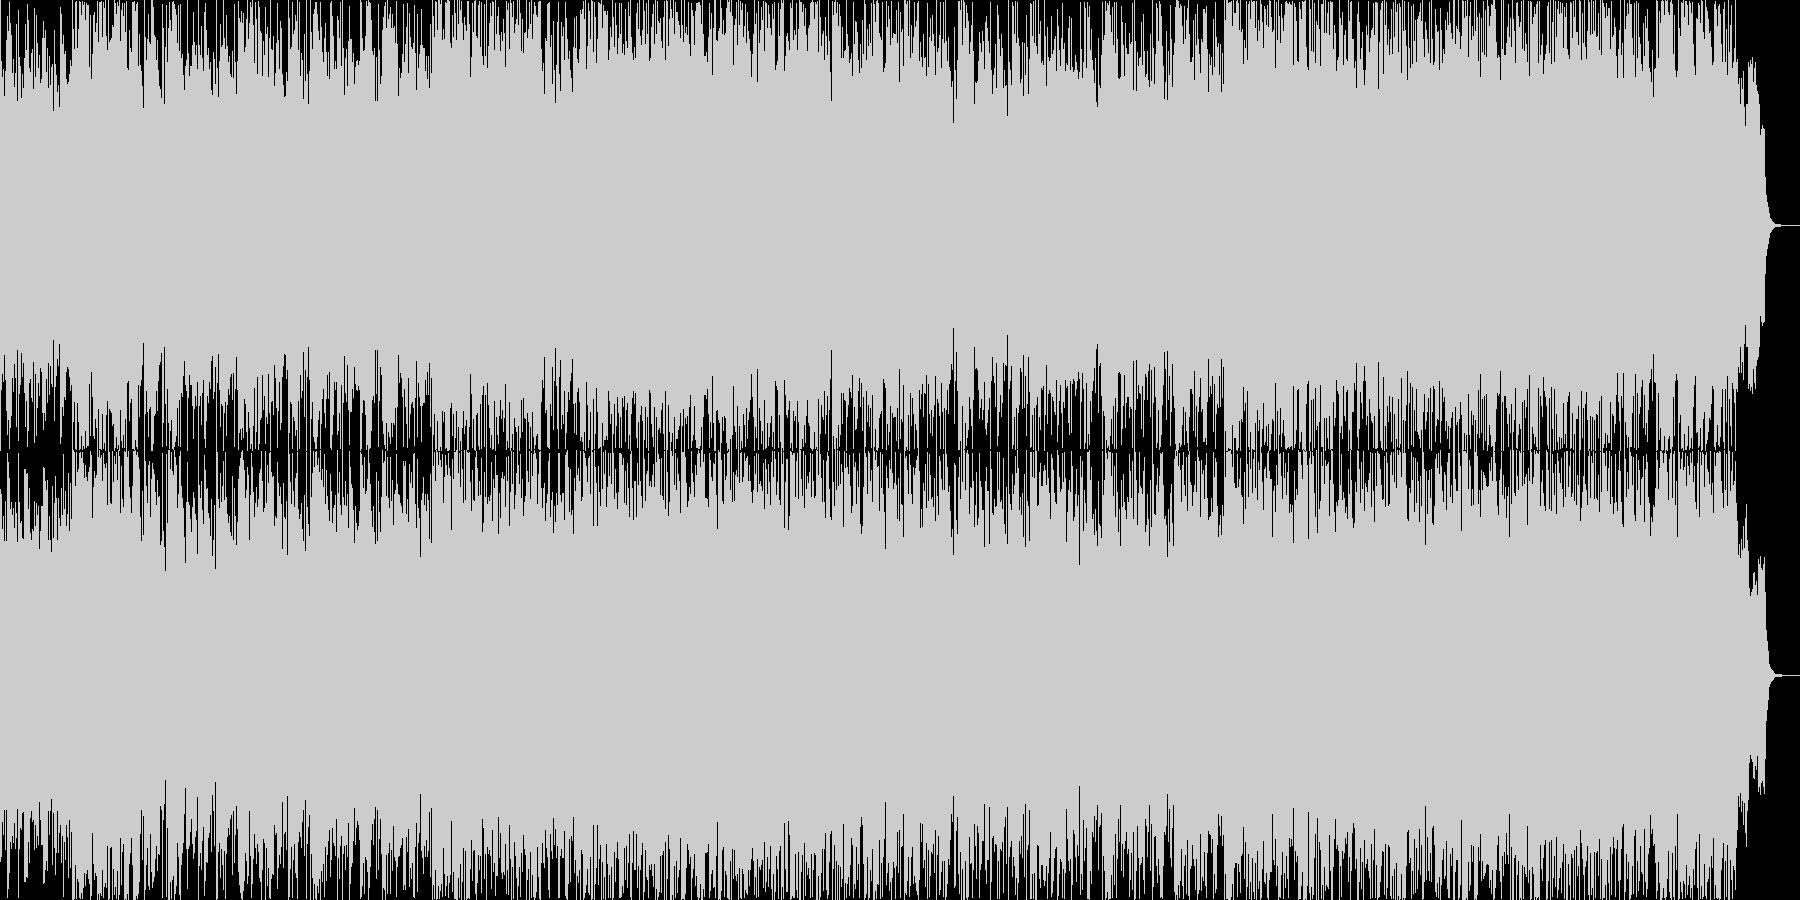 フランメンコギターの壮大なアンサンブル曲の未再生の波形